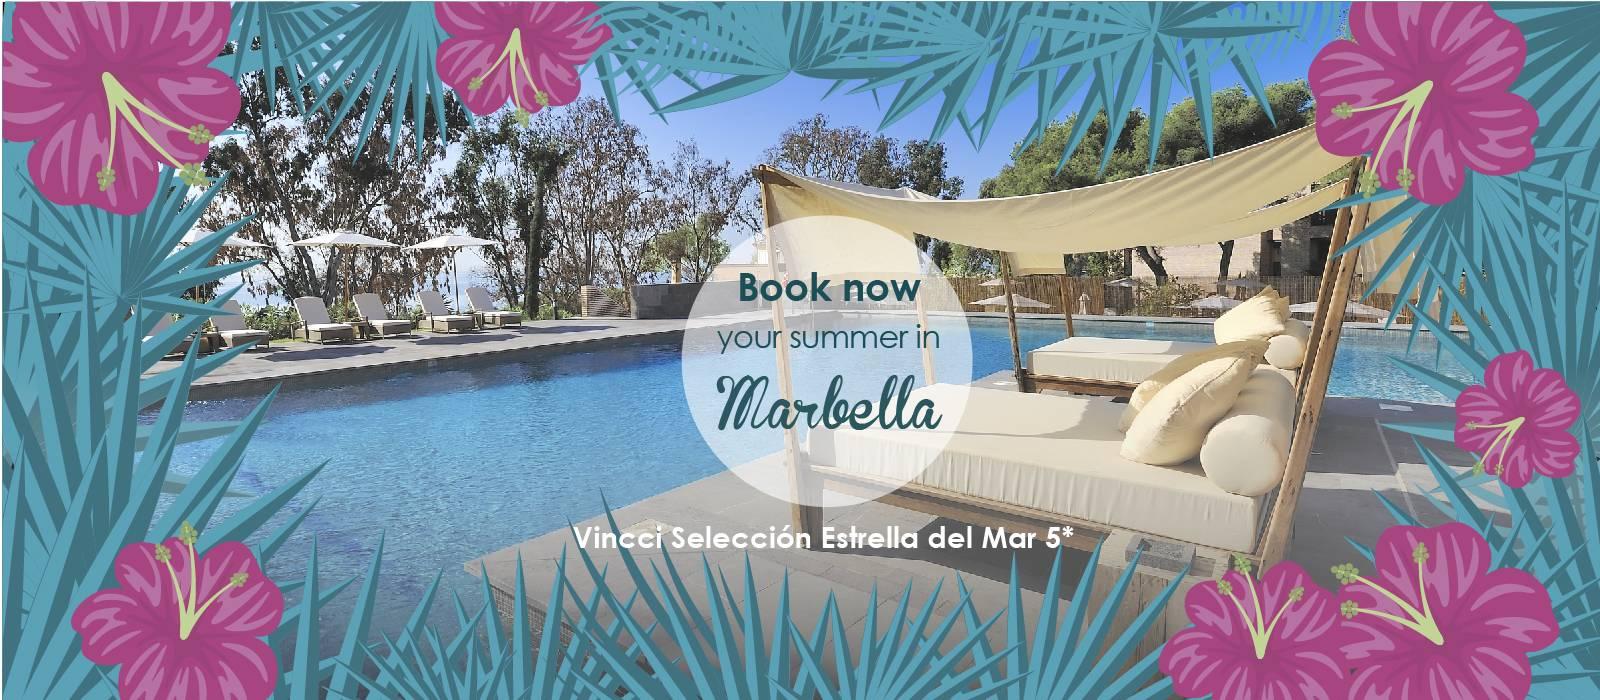 Hotel Vincci Selección Estrella del Mar - Marbella